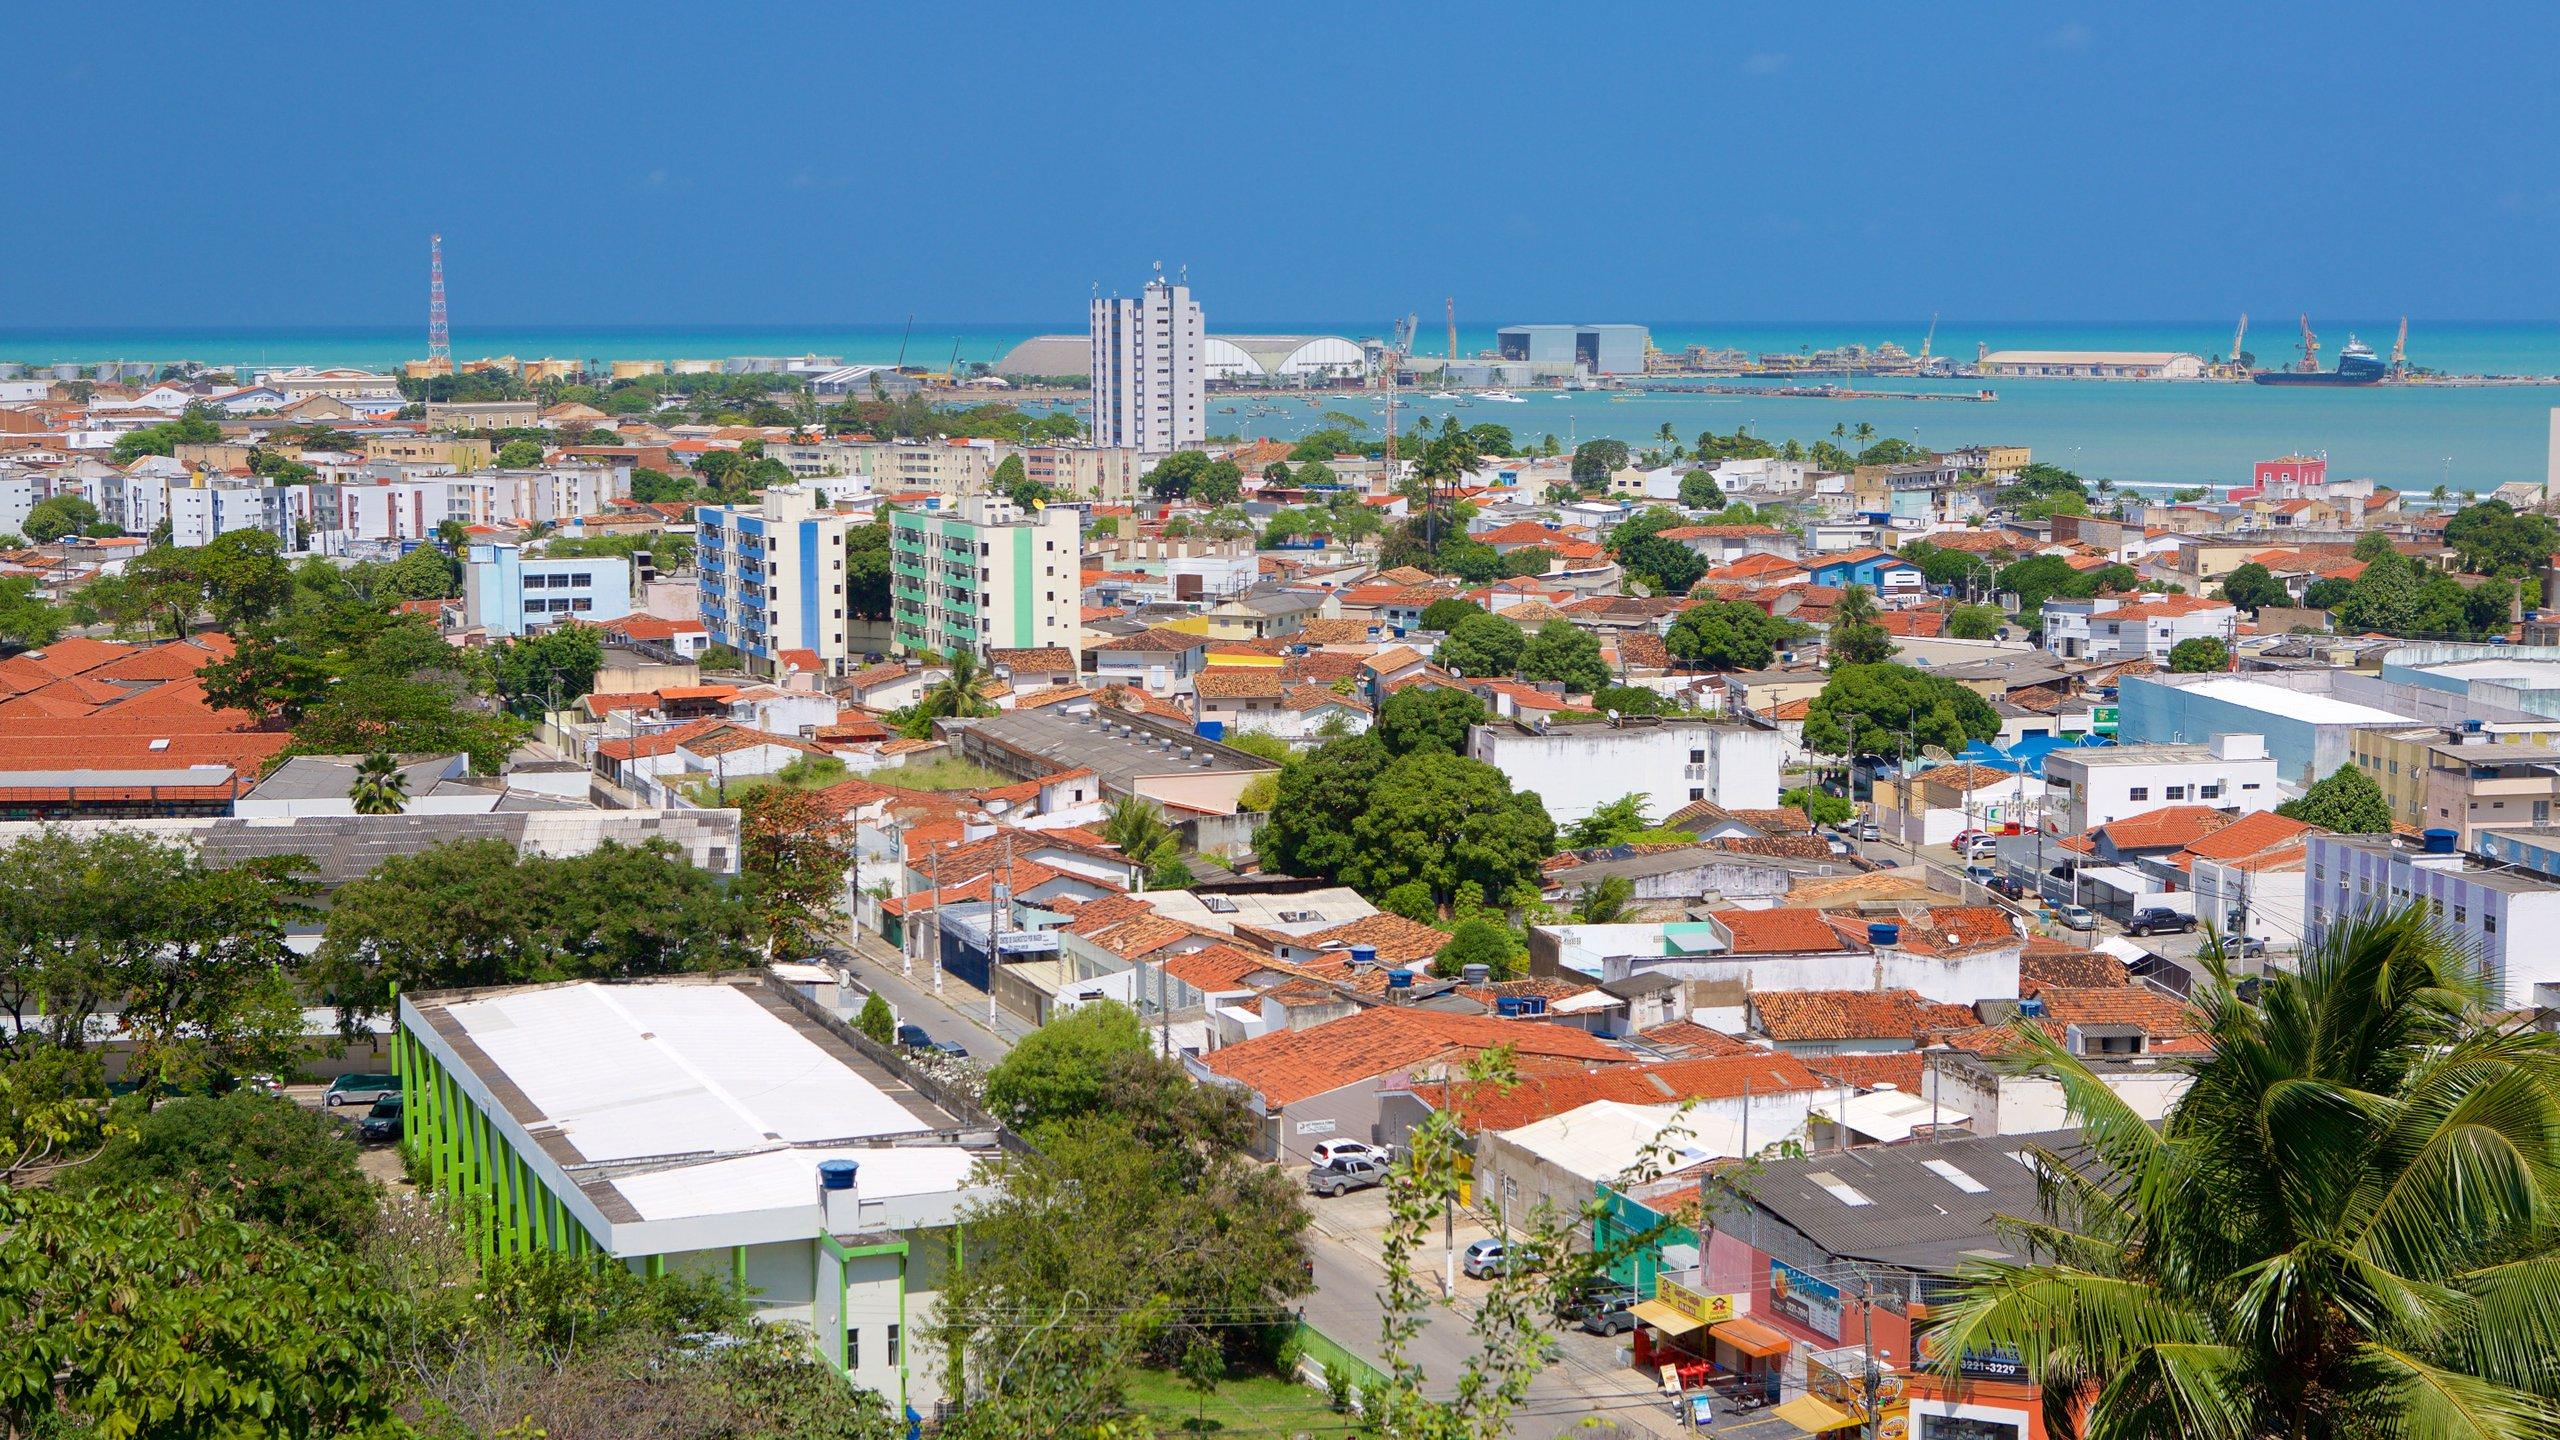 Maceio, Alagoas (staat), Brazilië